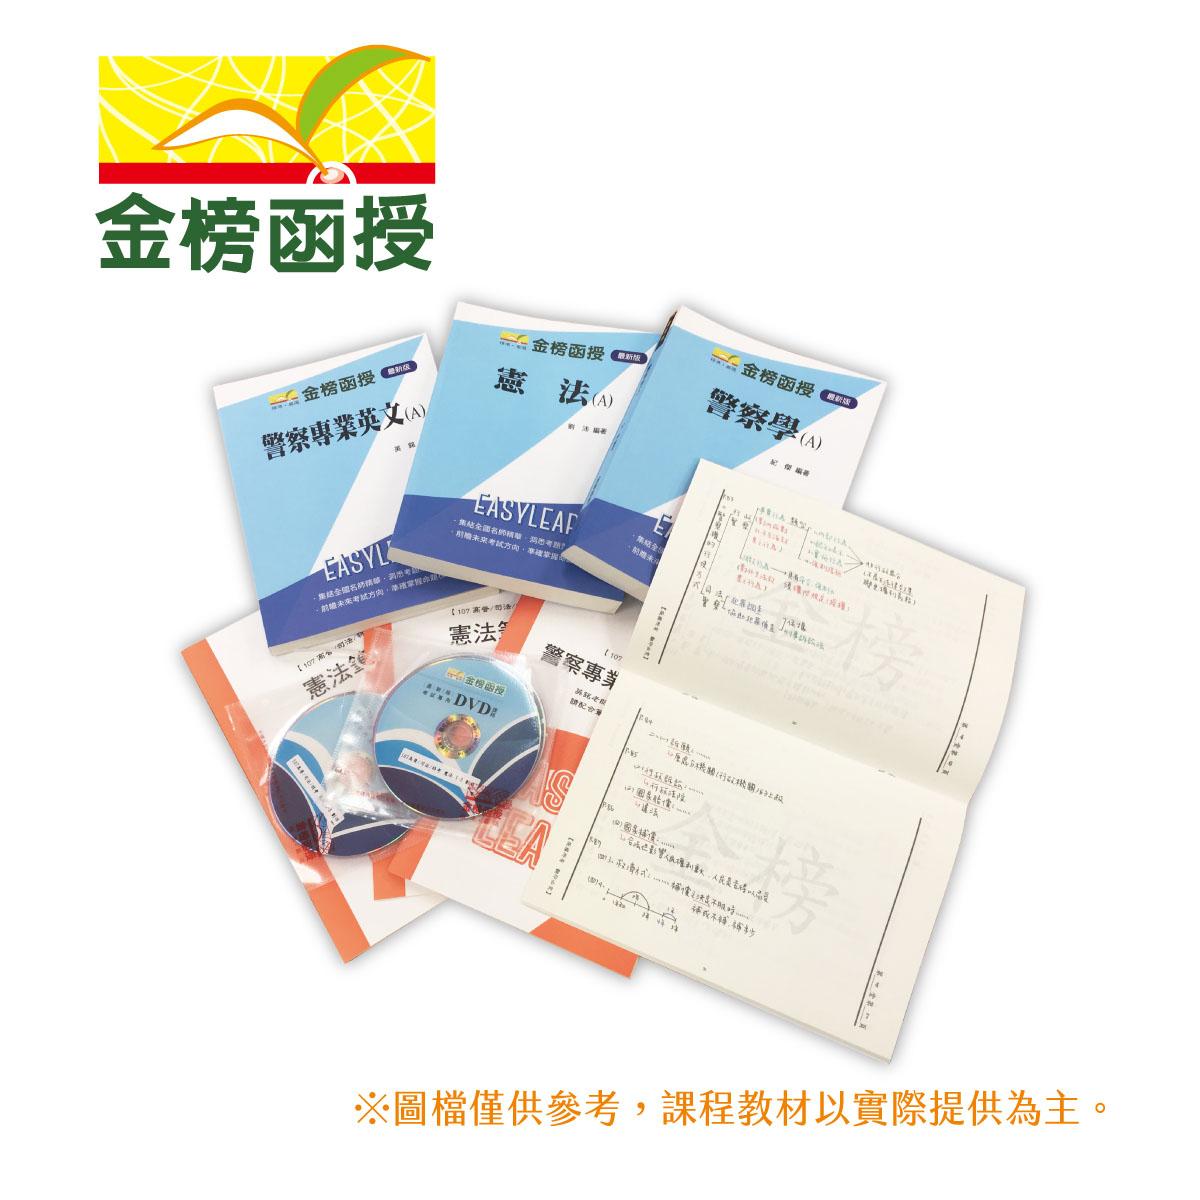 107金榜函授/地方特考/四等/全套/交通行政/MP3